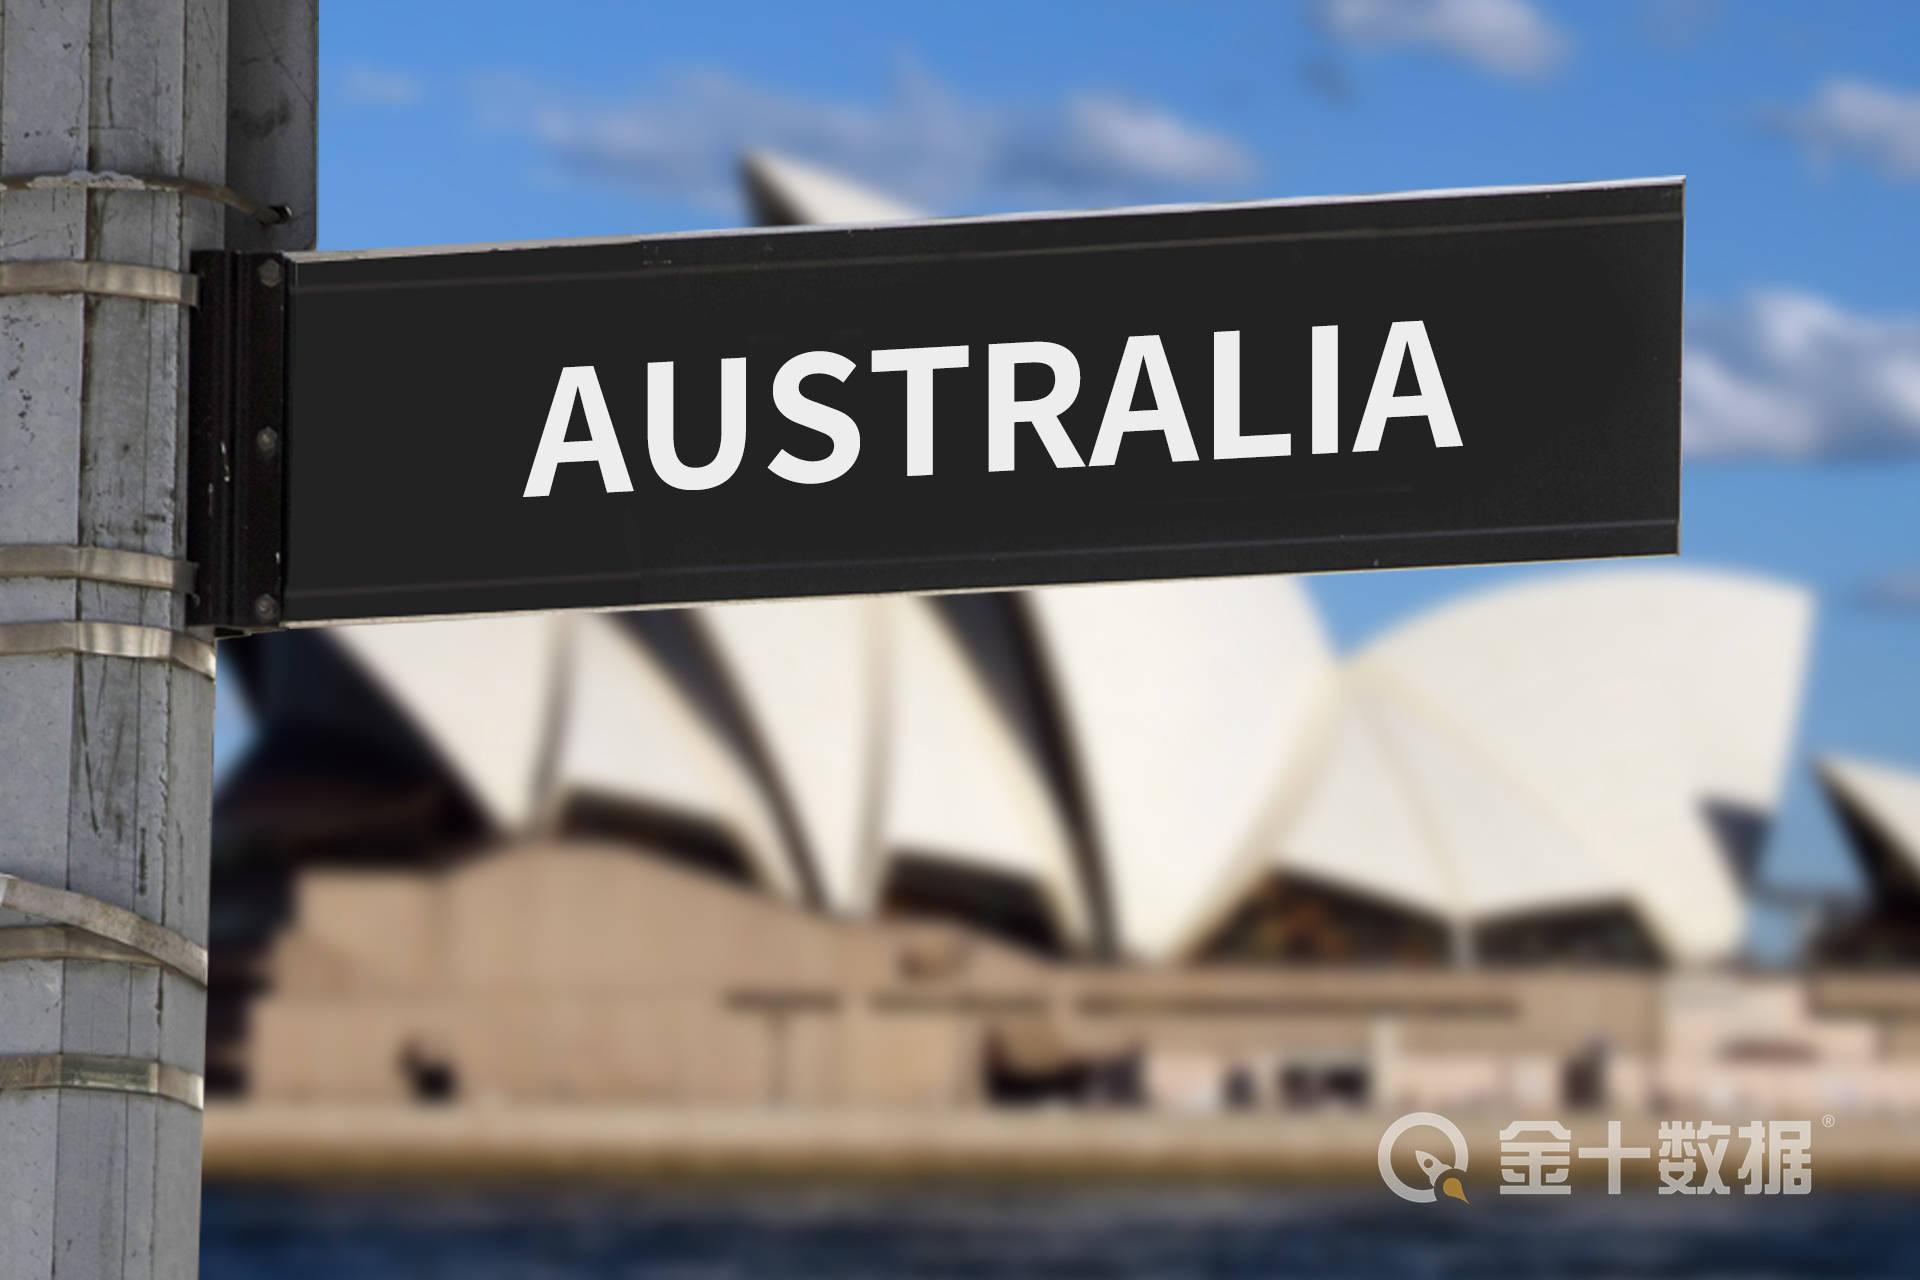 今年第9次!澳大利亚又做出意外举动:对中国部分商品启动调查